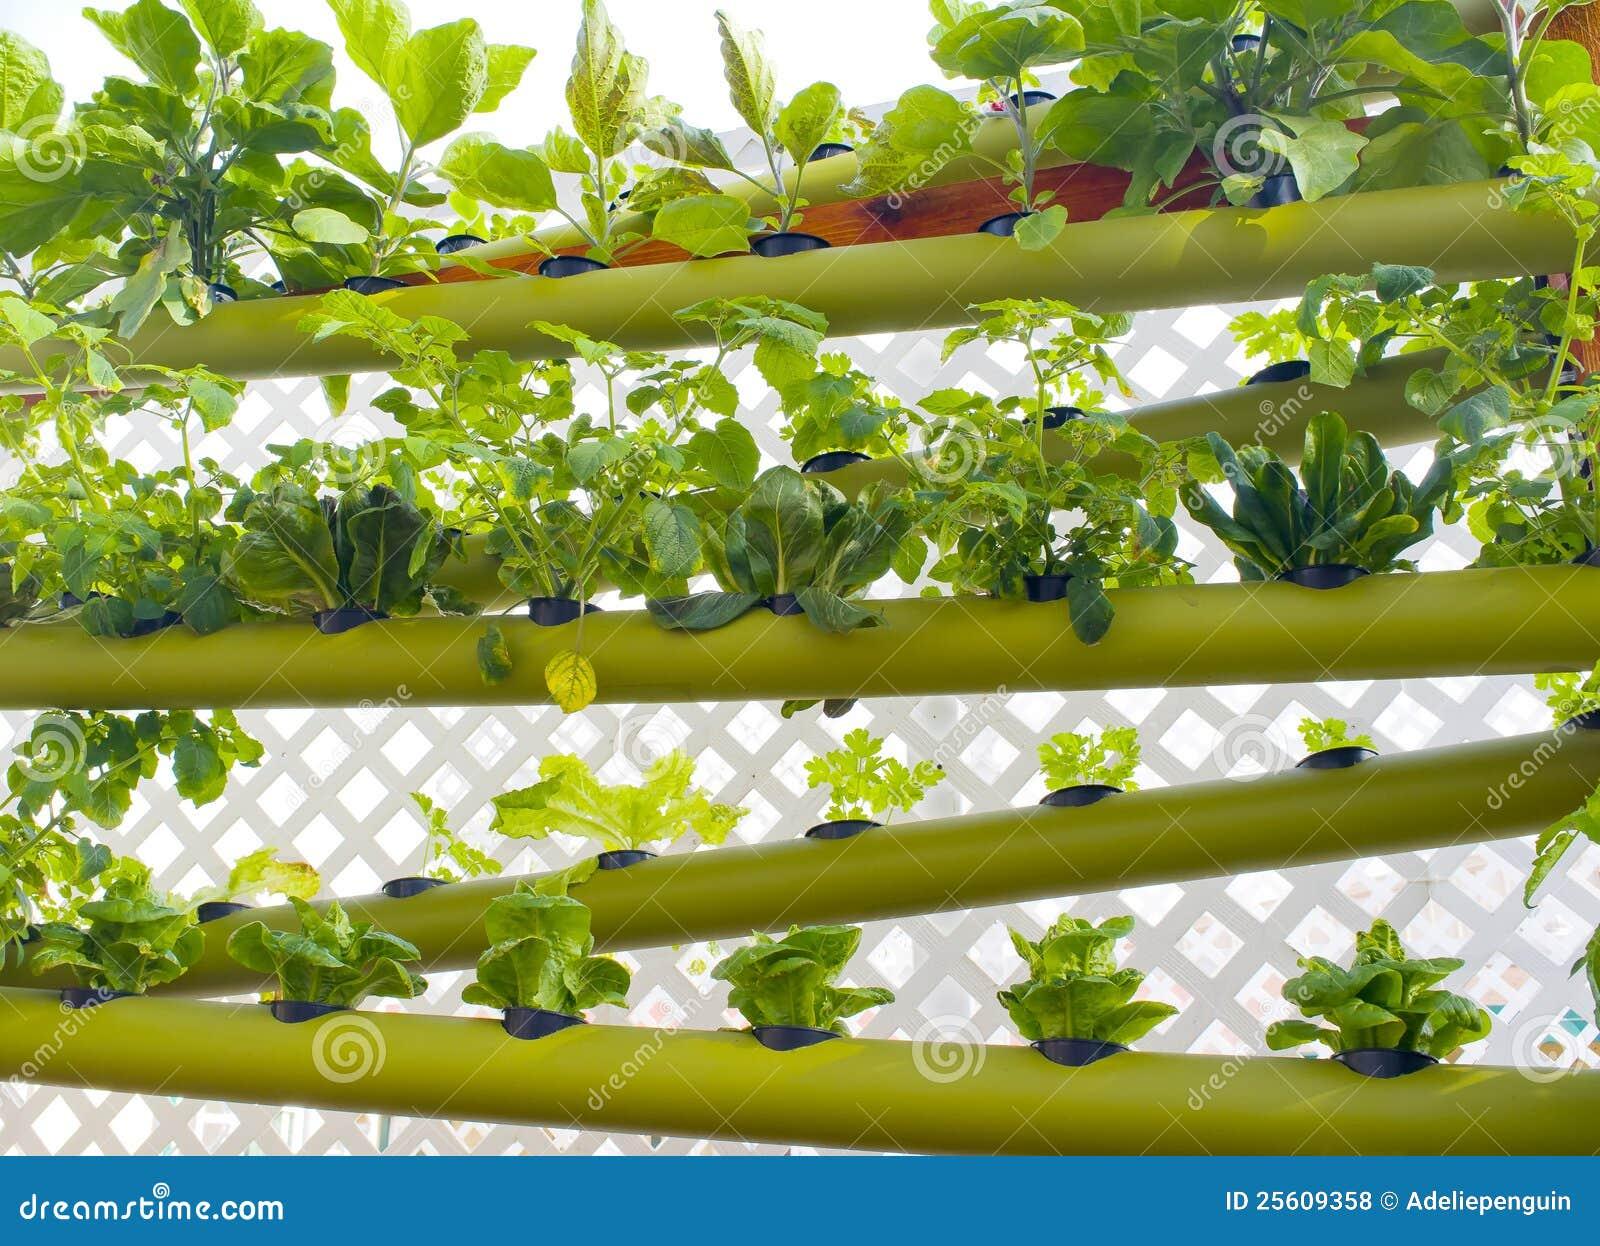 Jardin vertical hydroponique de la terre photos libres de for Jardin hydroponique